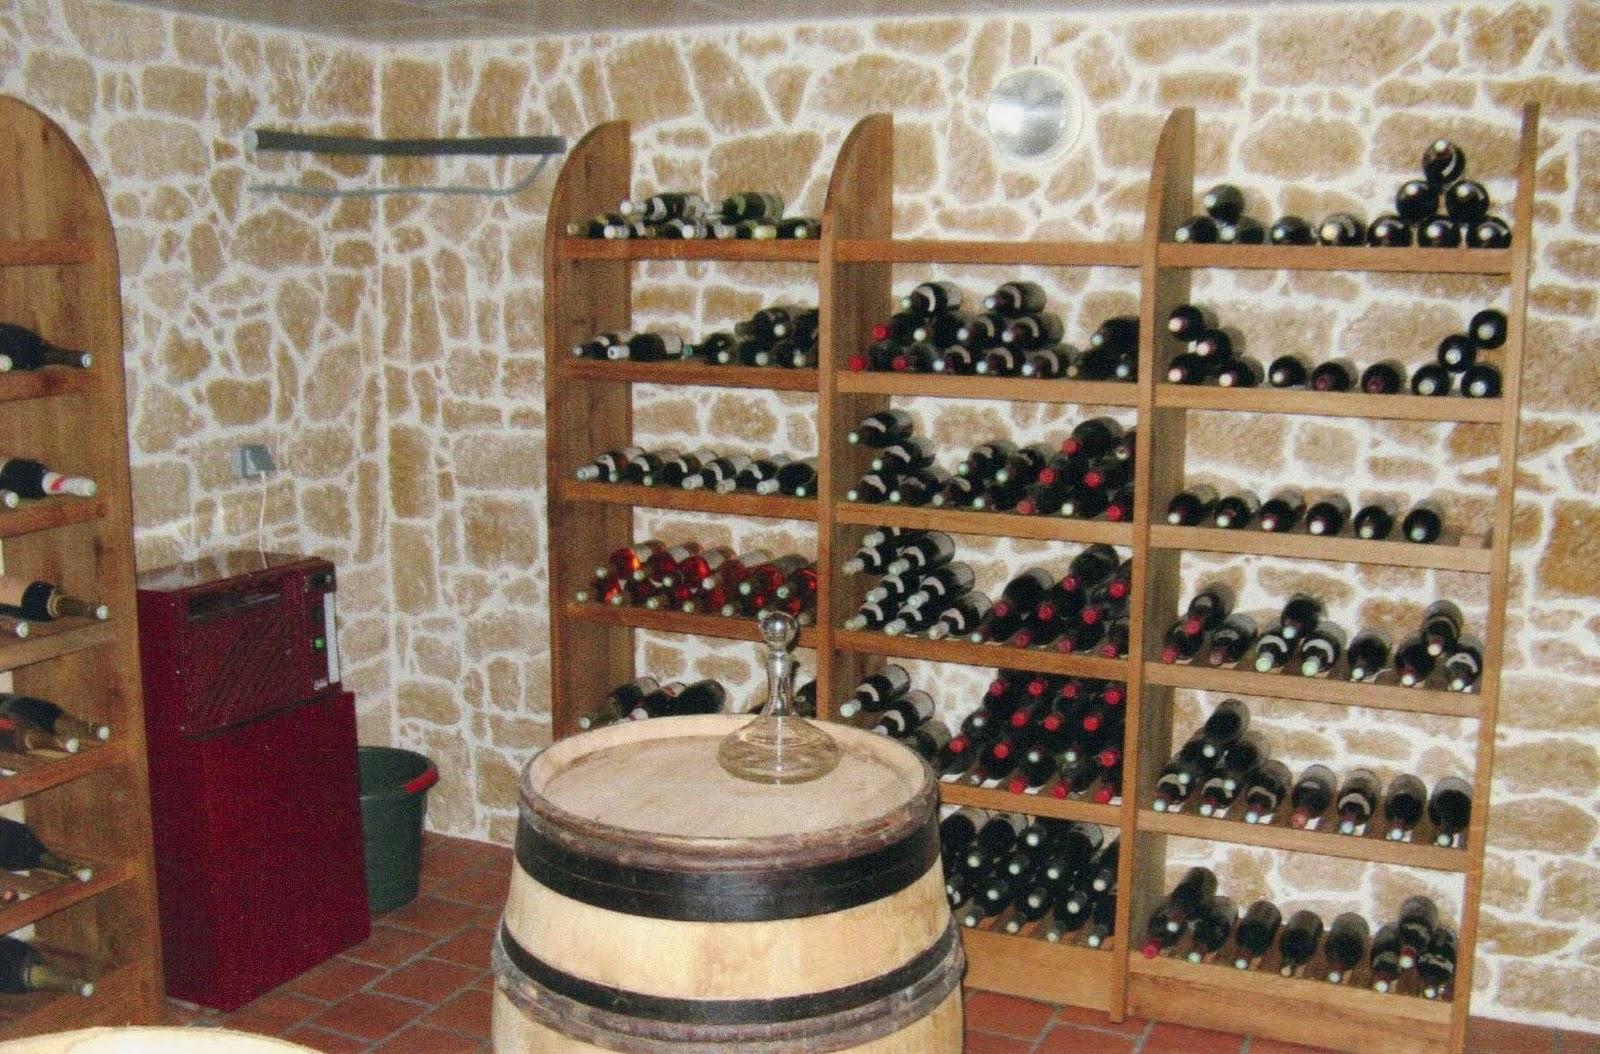 Am nagement de ma cave vin for Amenager une cave a vin